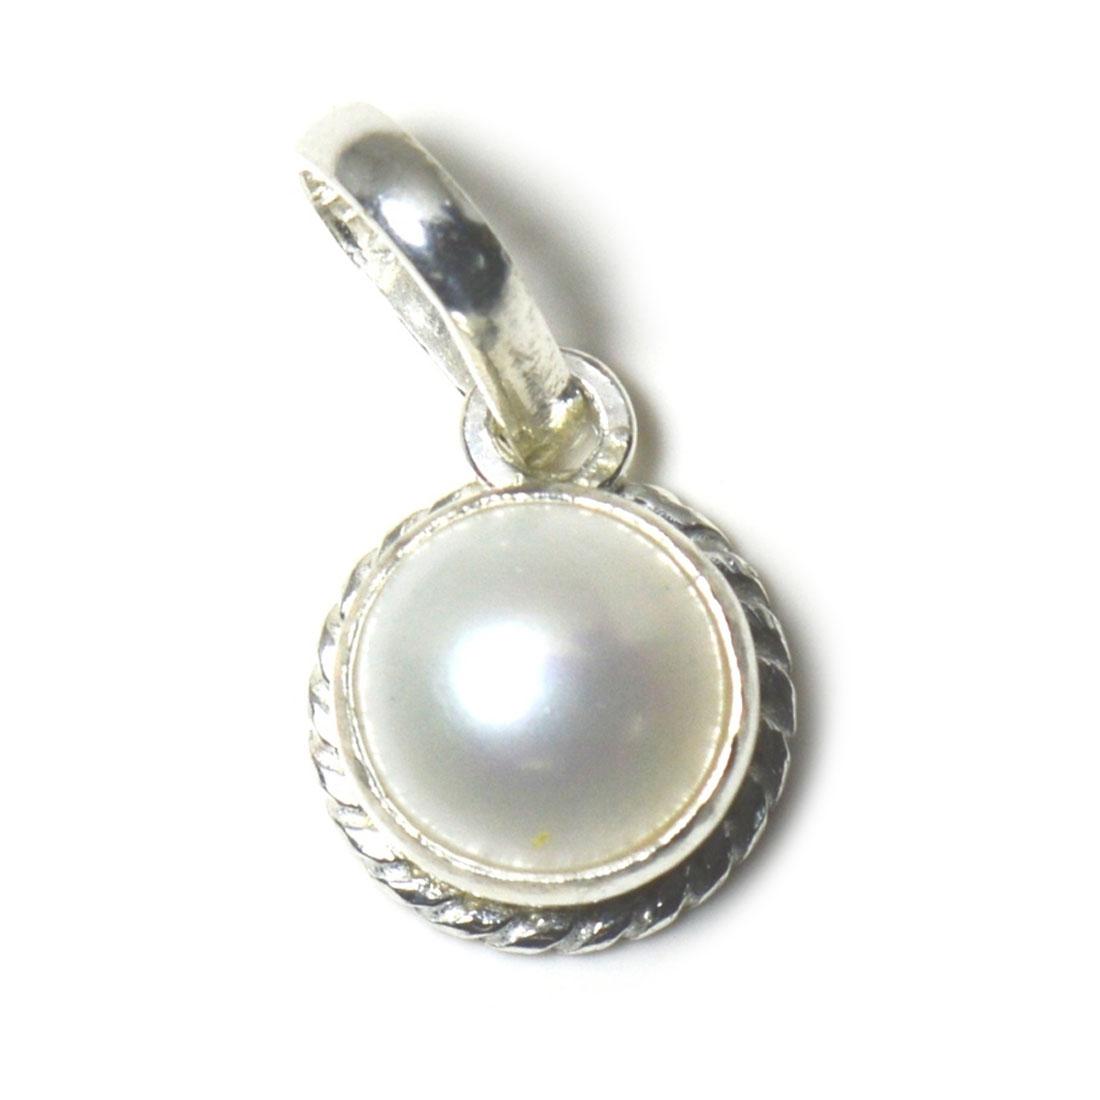 Echte-Perle-925-Sterling-Silber-5-Karat-Anhanger-Charm-Halskette-White-Schmuck